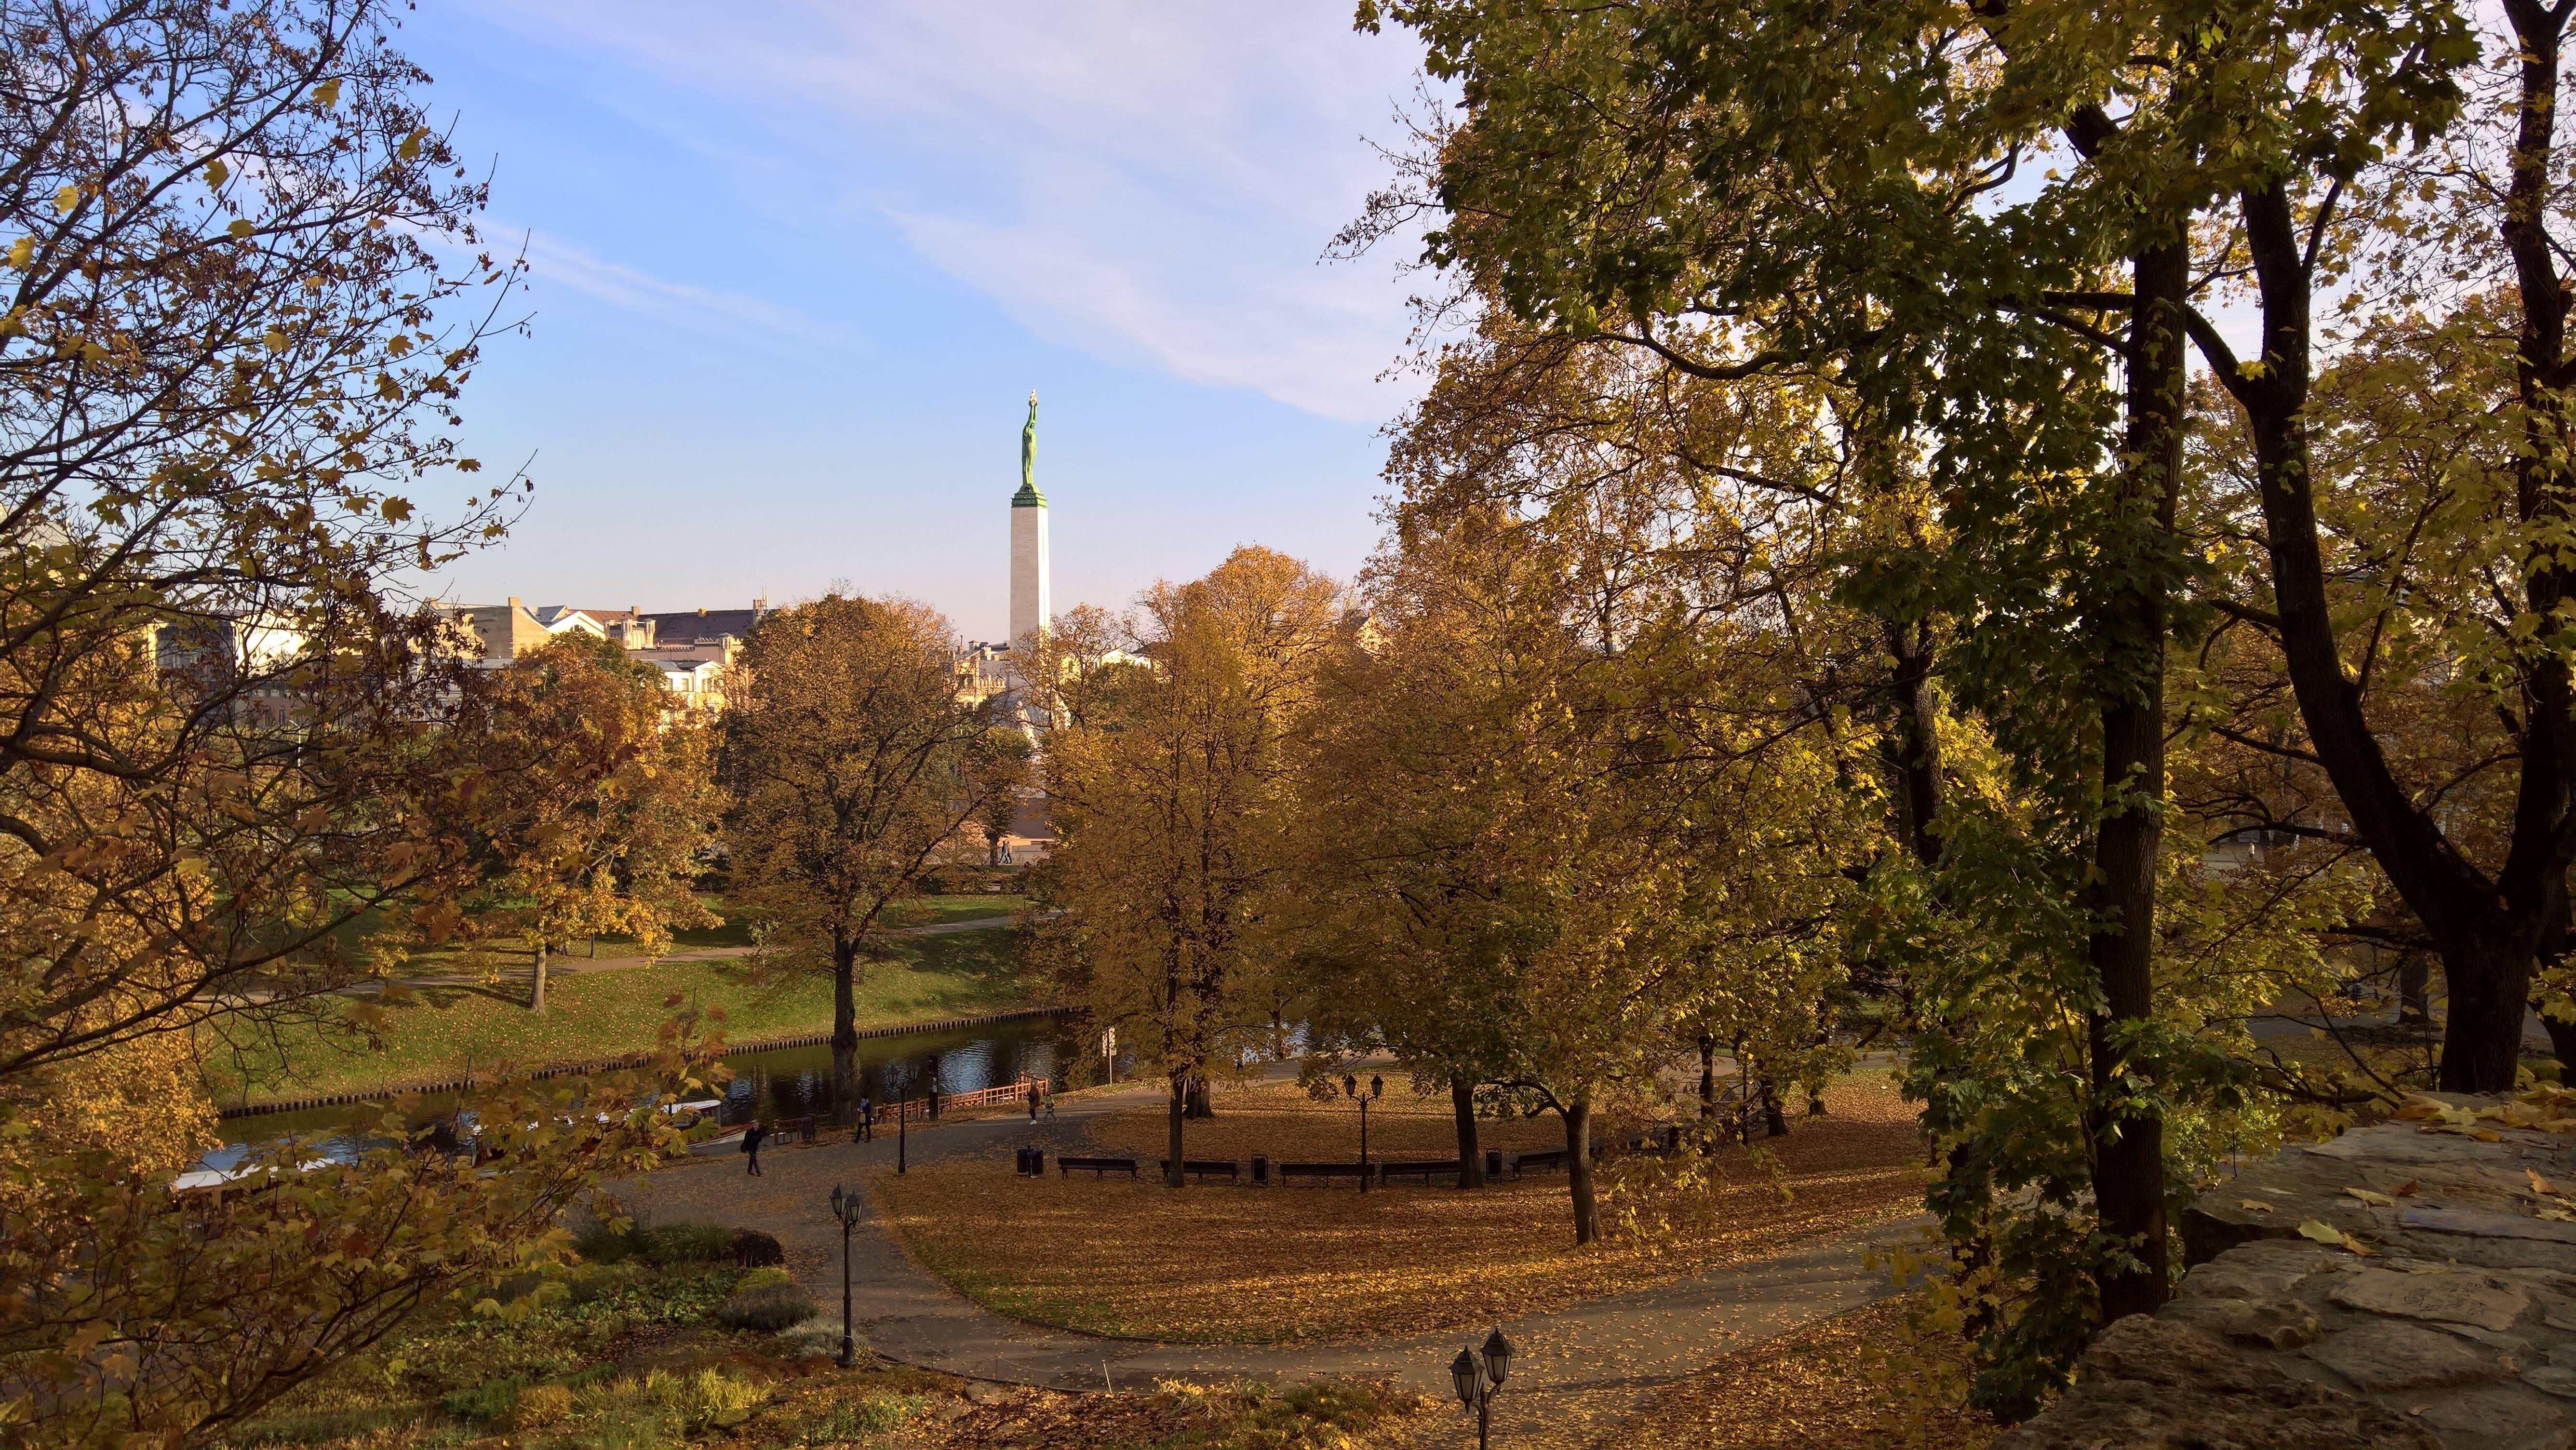 Photo 2: Riga et ses couleurs automnales